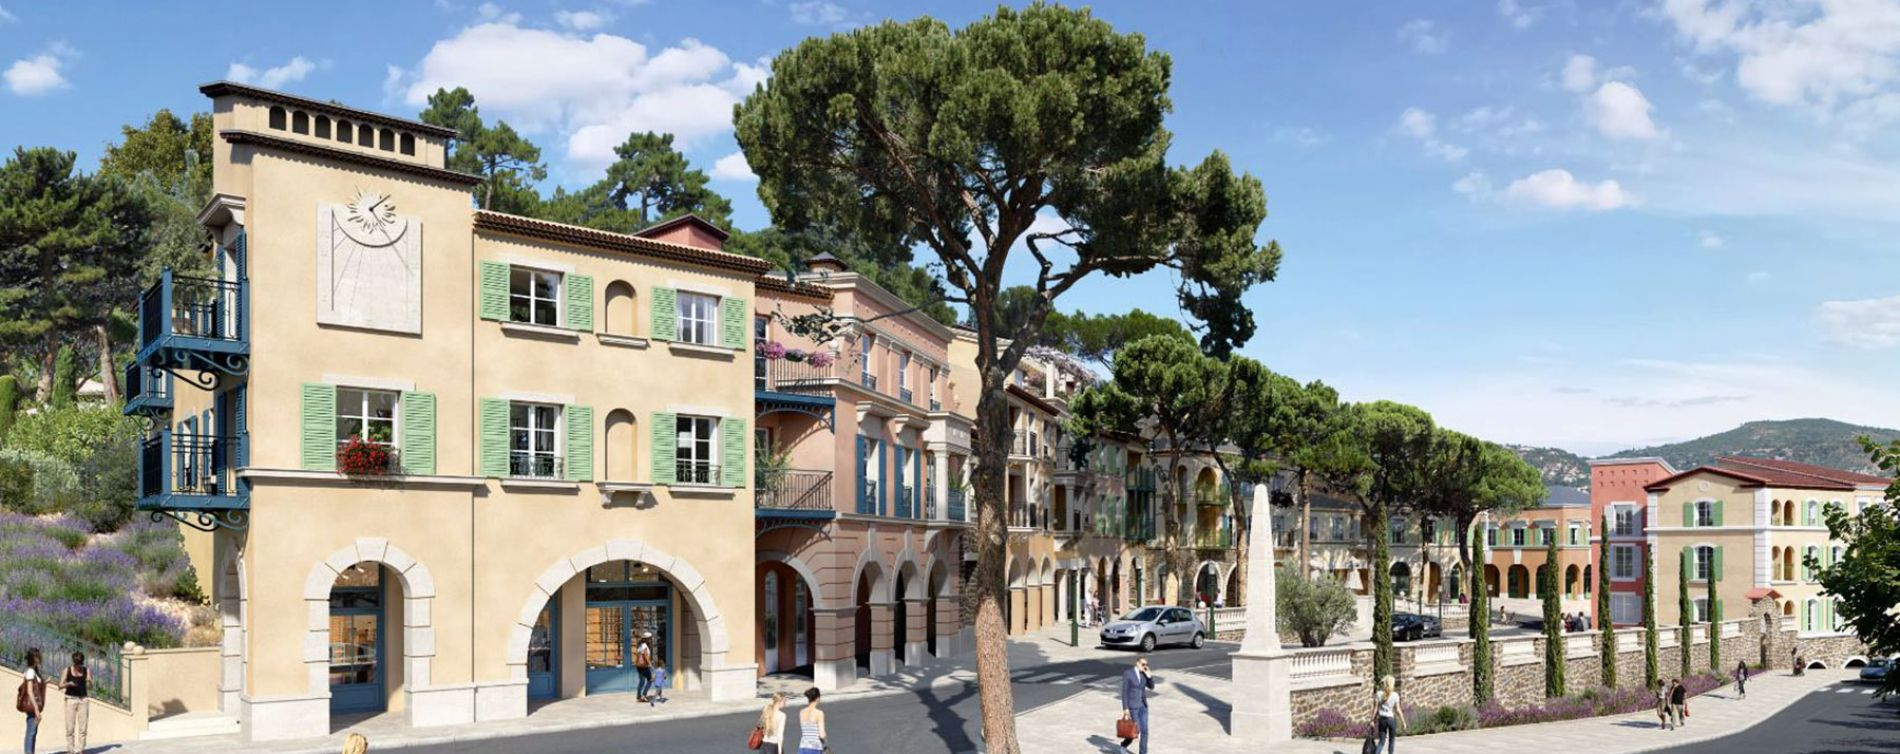 Le Rouret : programme immobilier neuve « Chemin des Comtes de Provence »